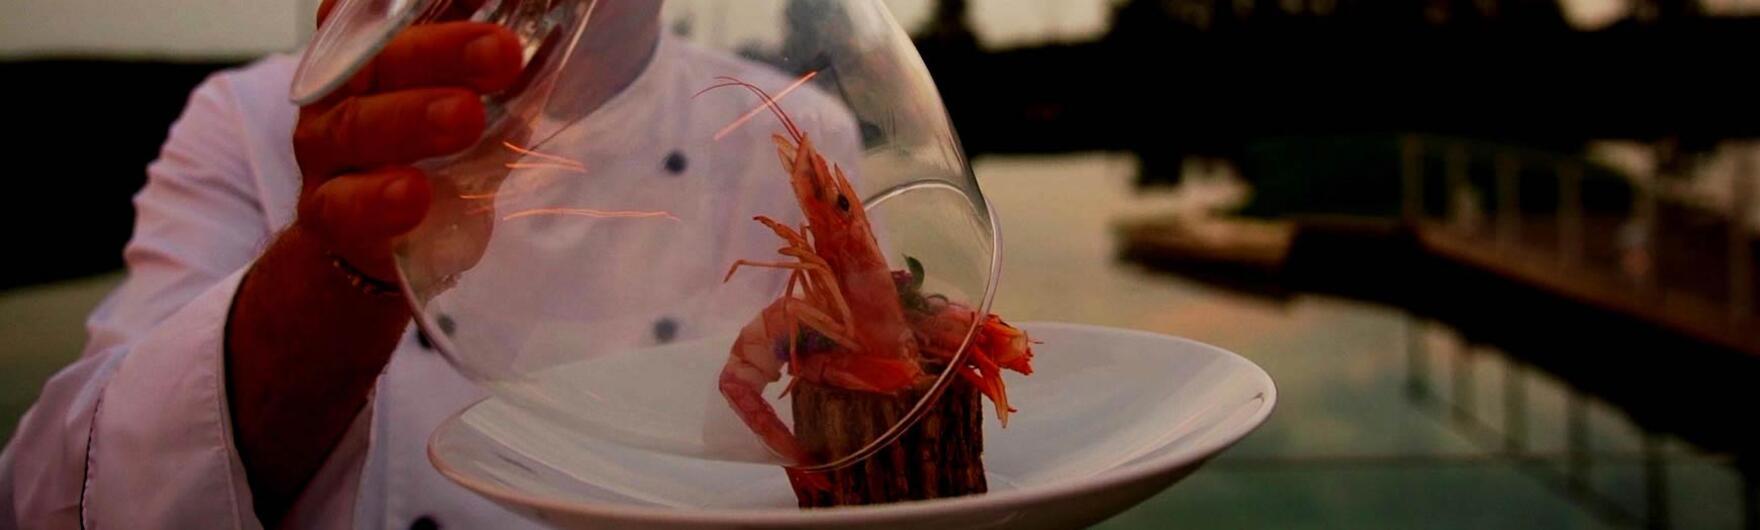 cadelfacco it ristorante-crema 012